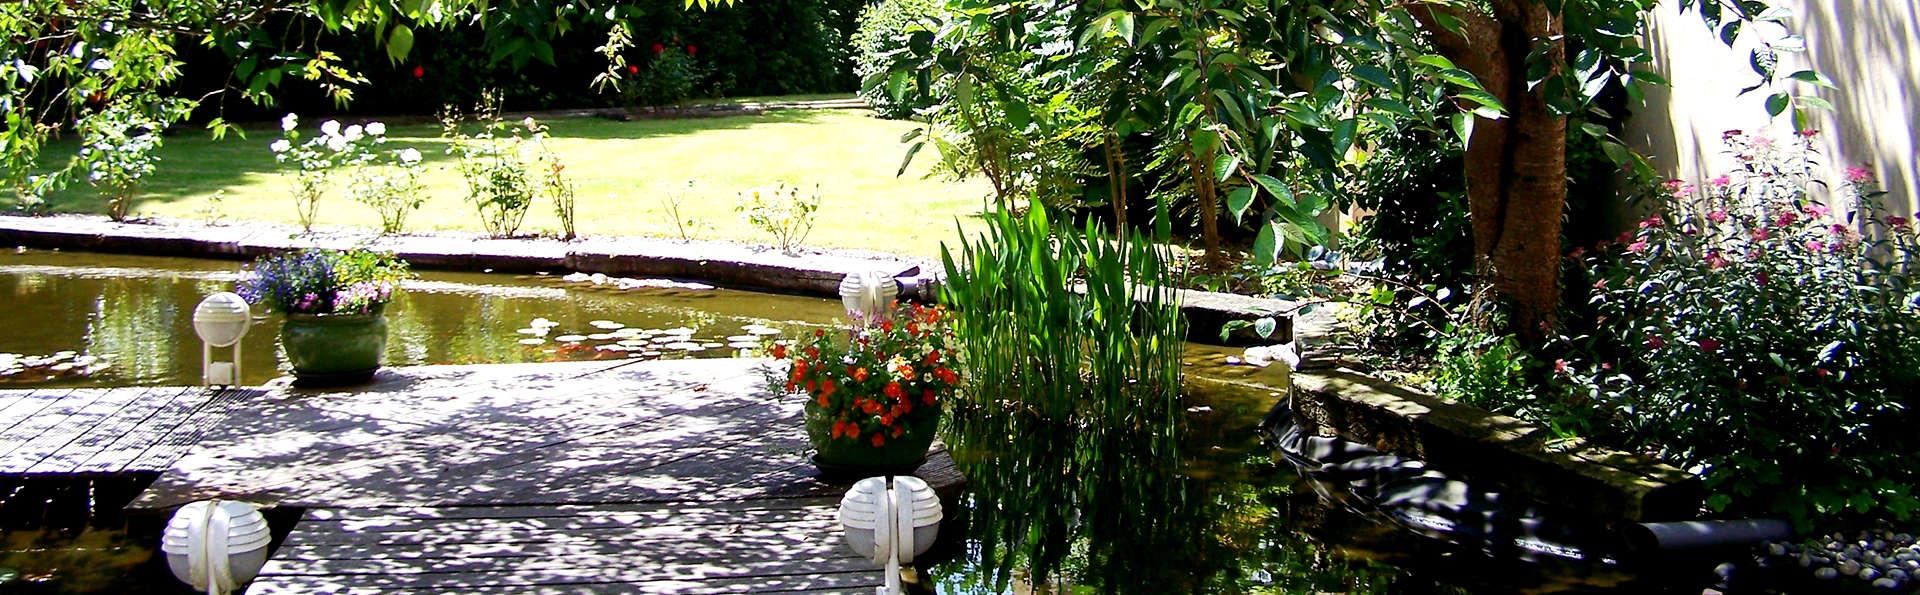 Cositel  - Edit_Garden1.jpg